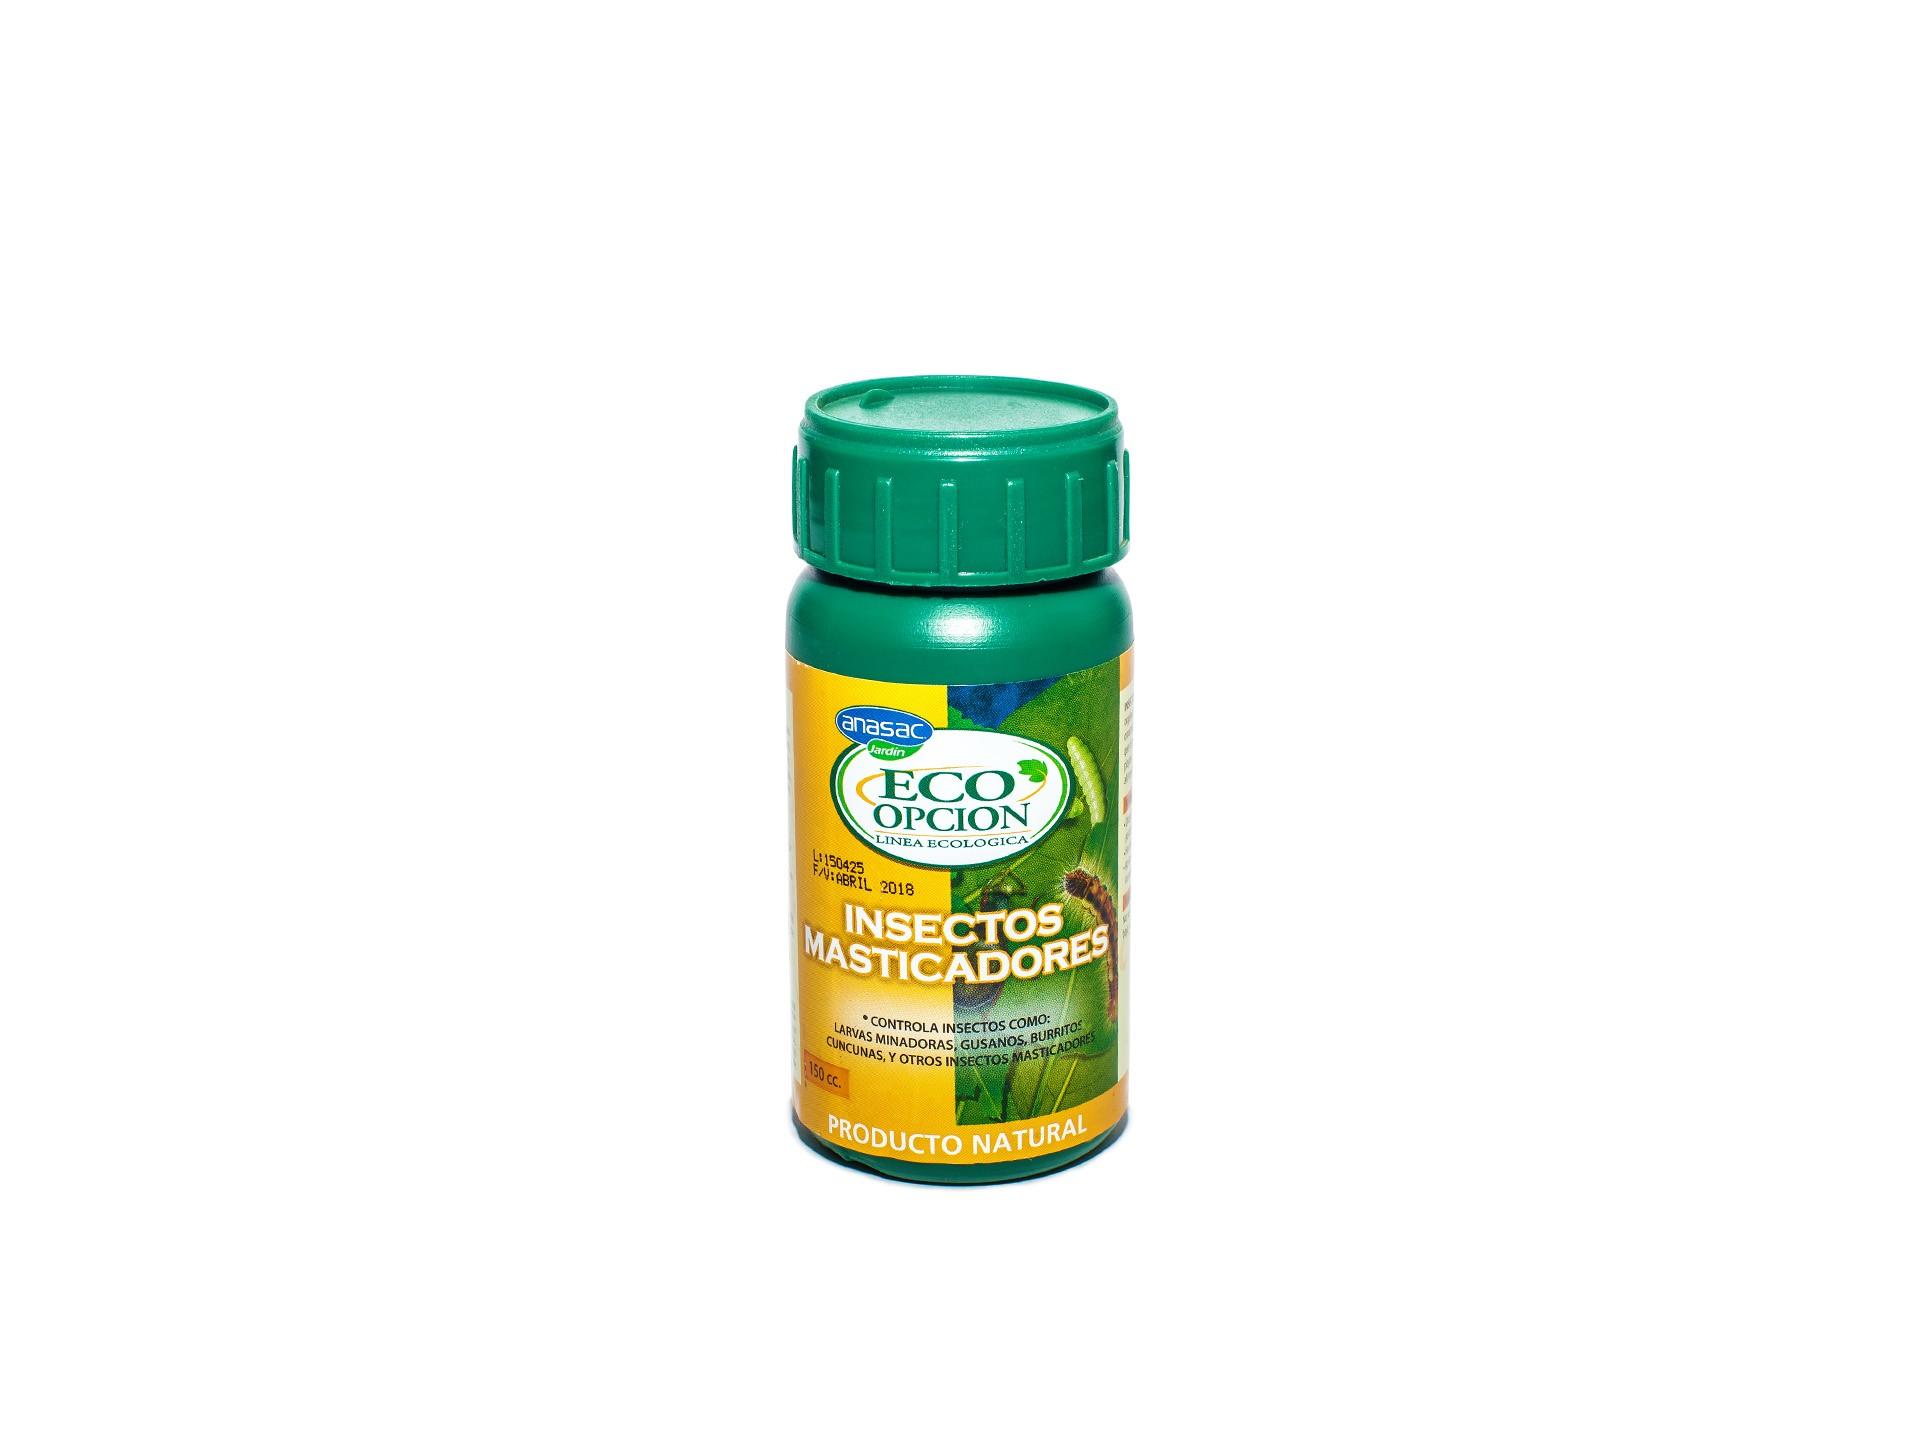 Eco - Insectos Masticadores 150ml